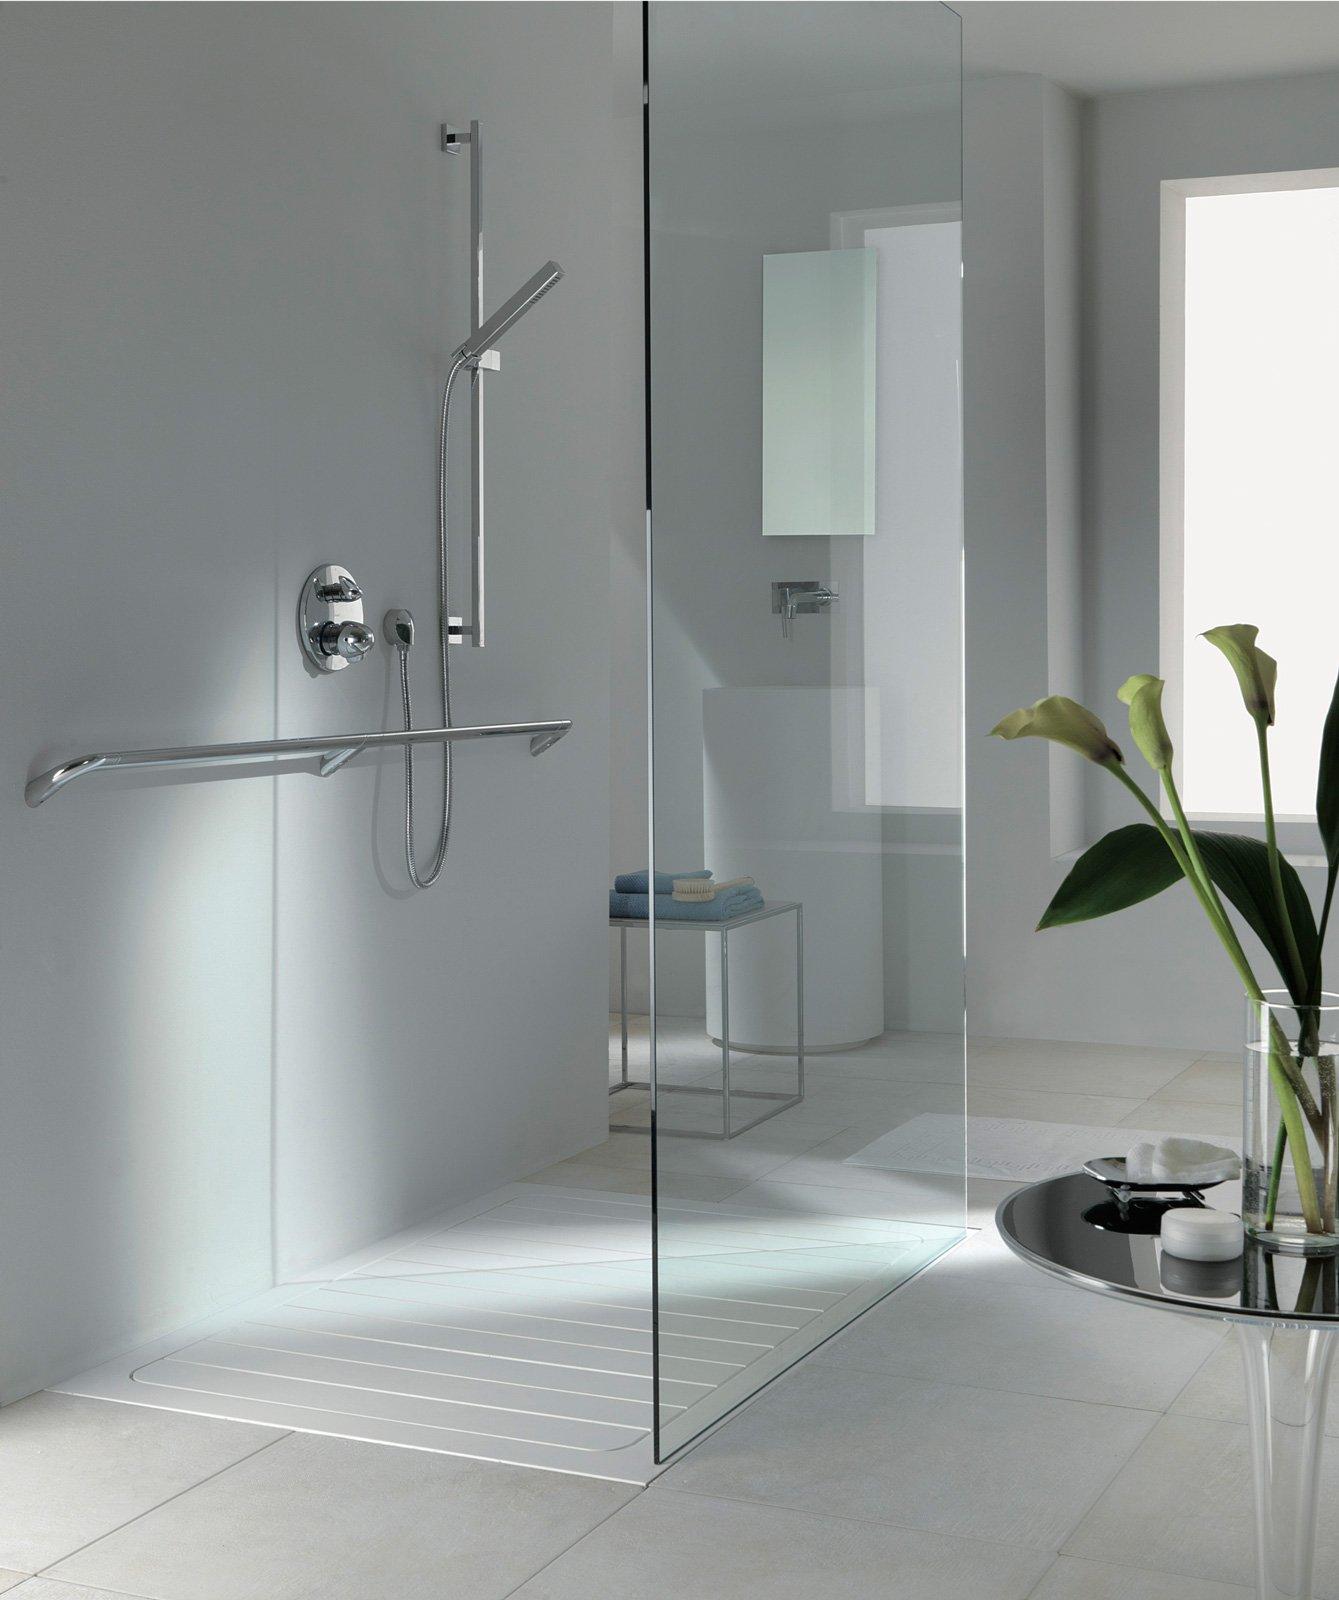 Piatti doccia a filo per un bagno trendy cose di casa - Foto di bagni con doccia ...